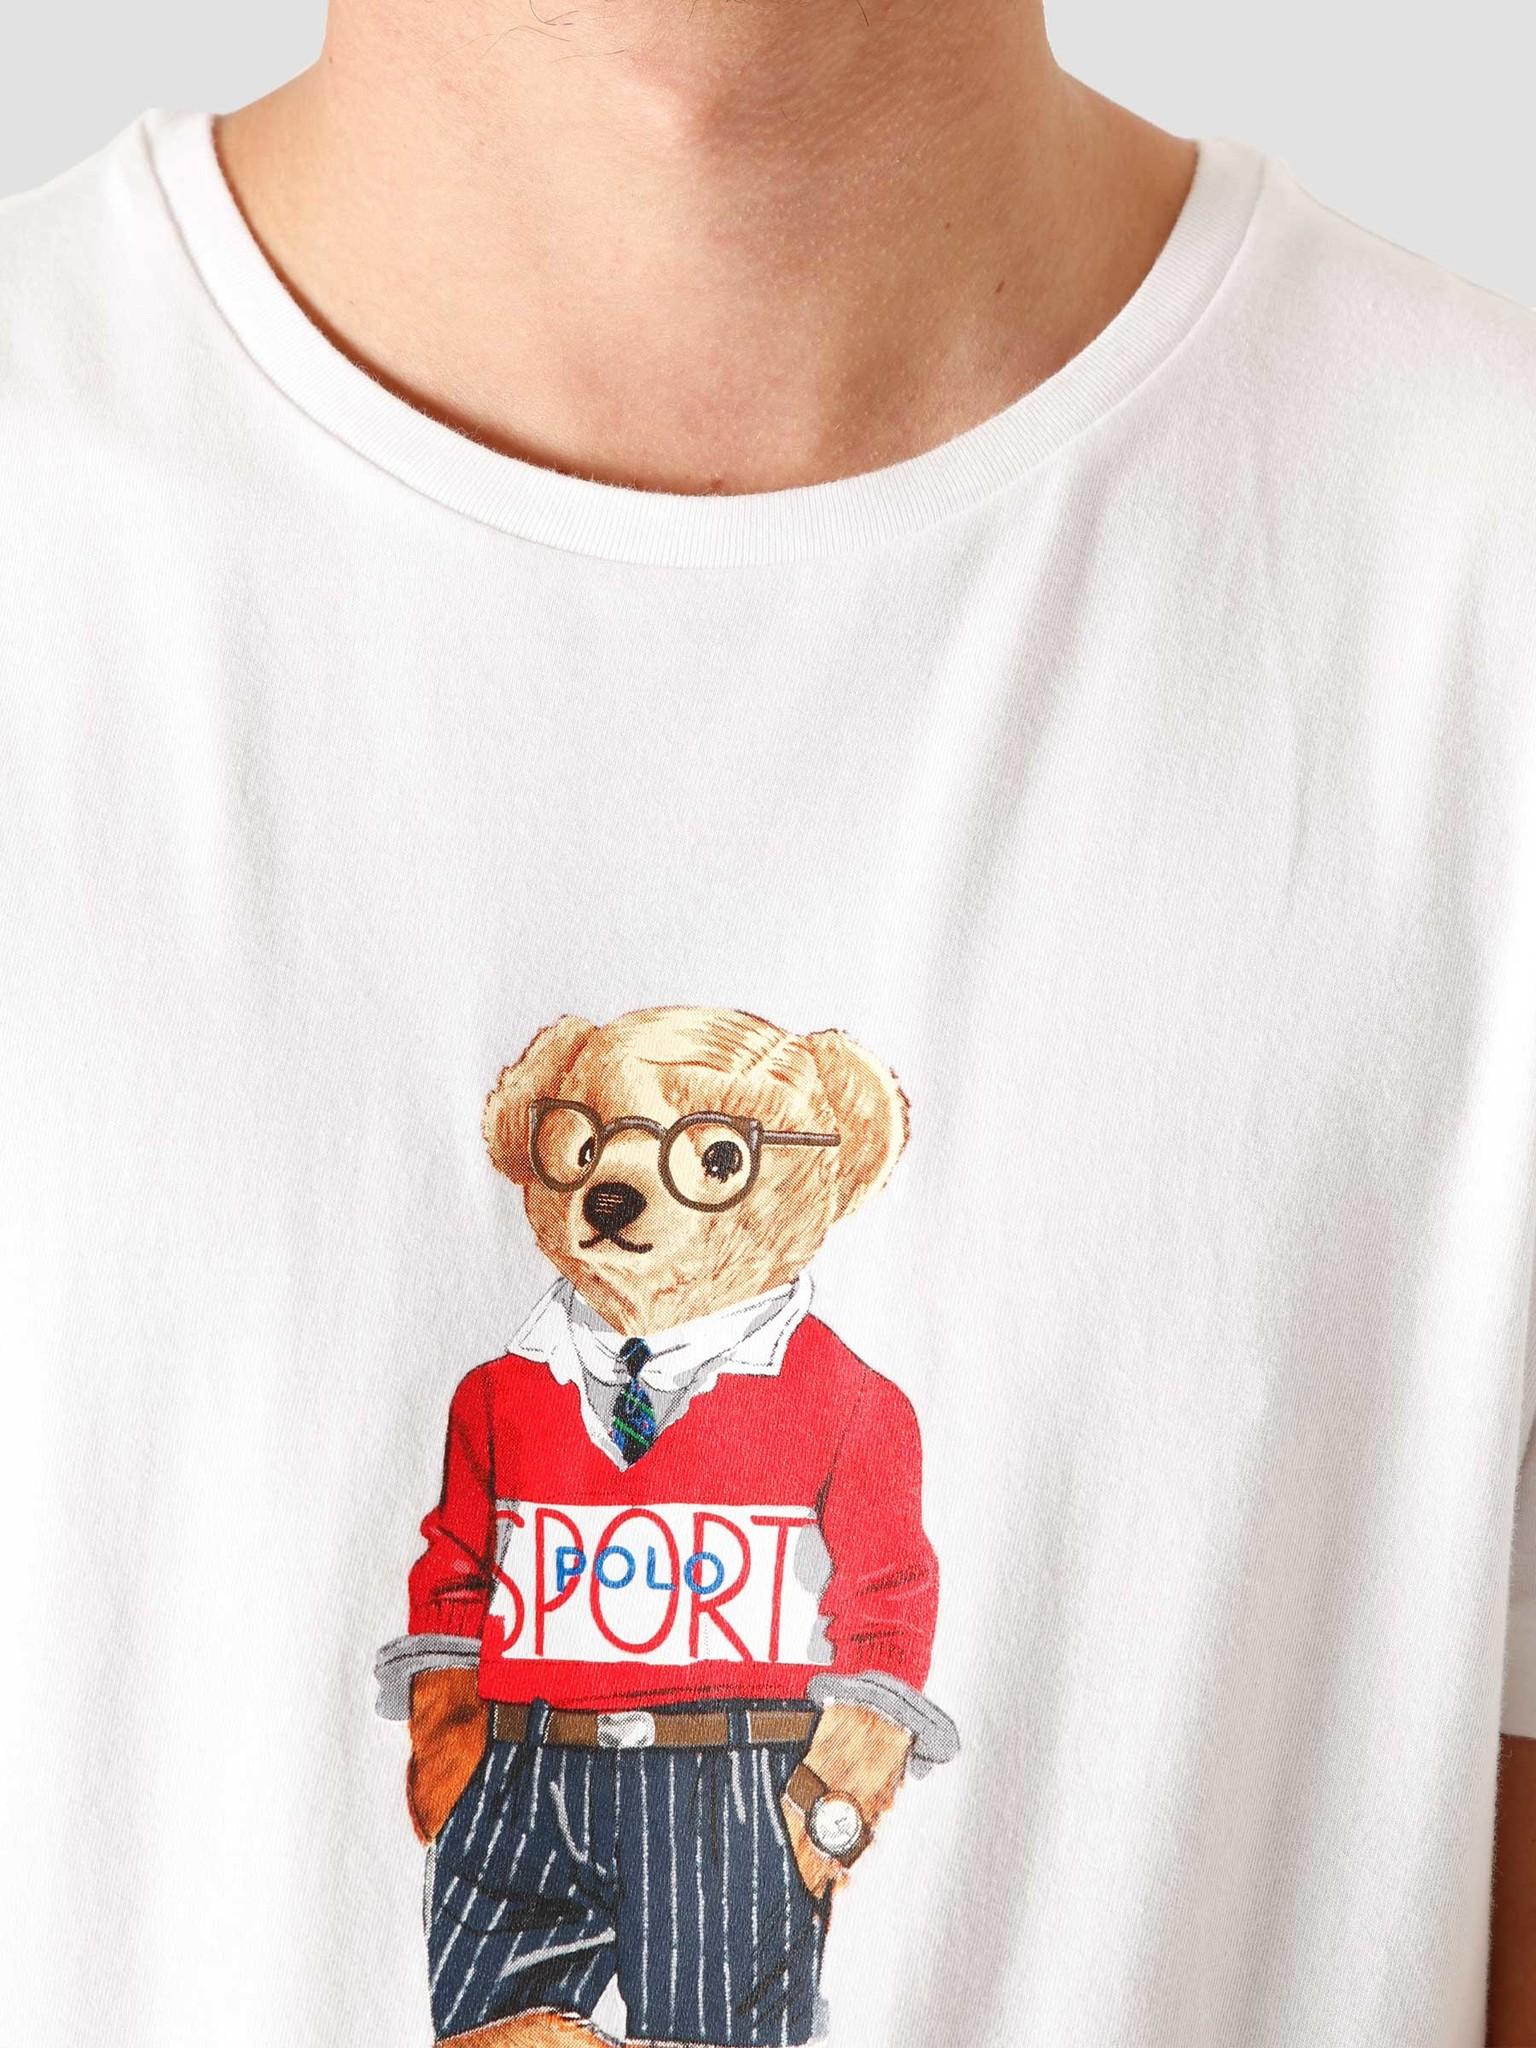 Polo Ralph Lauren Polo Ralph Lauren 26-1'S Jersey T-Shirt White 710803488002